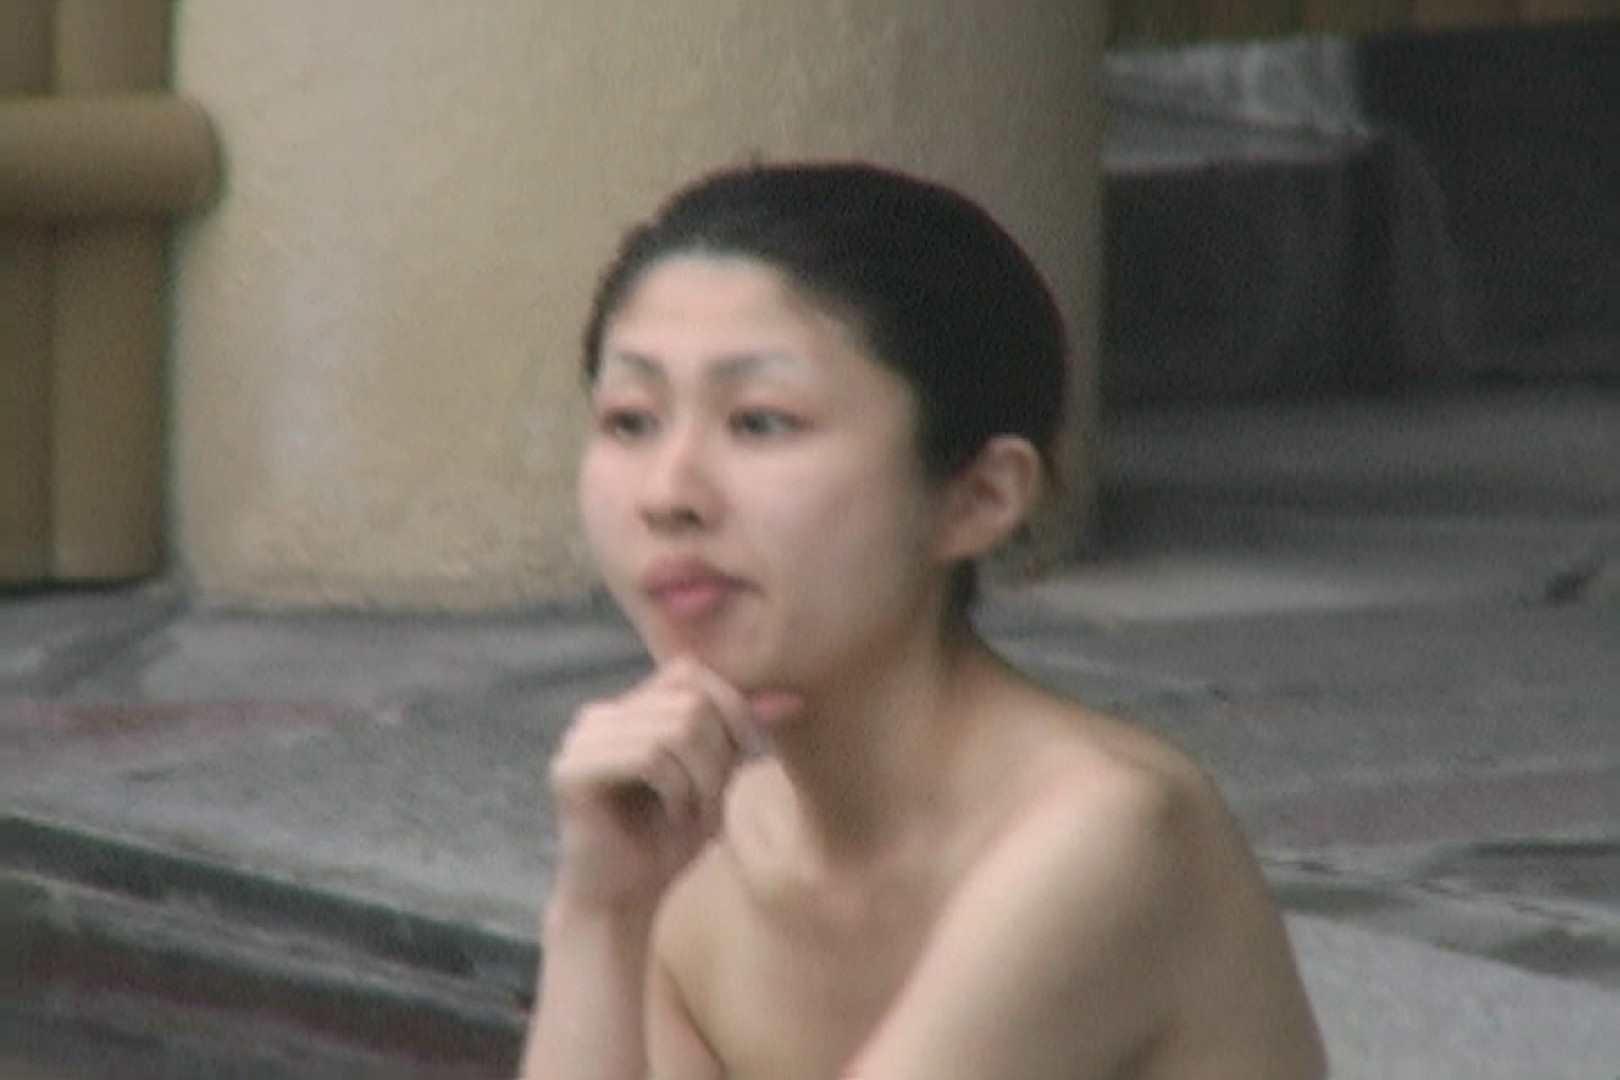 Aquaな露天風呂Vol.642 盗撮シリーズ  92PIX 62